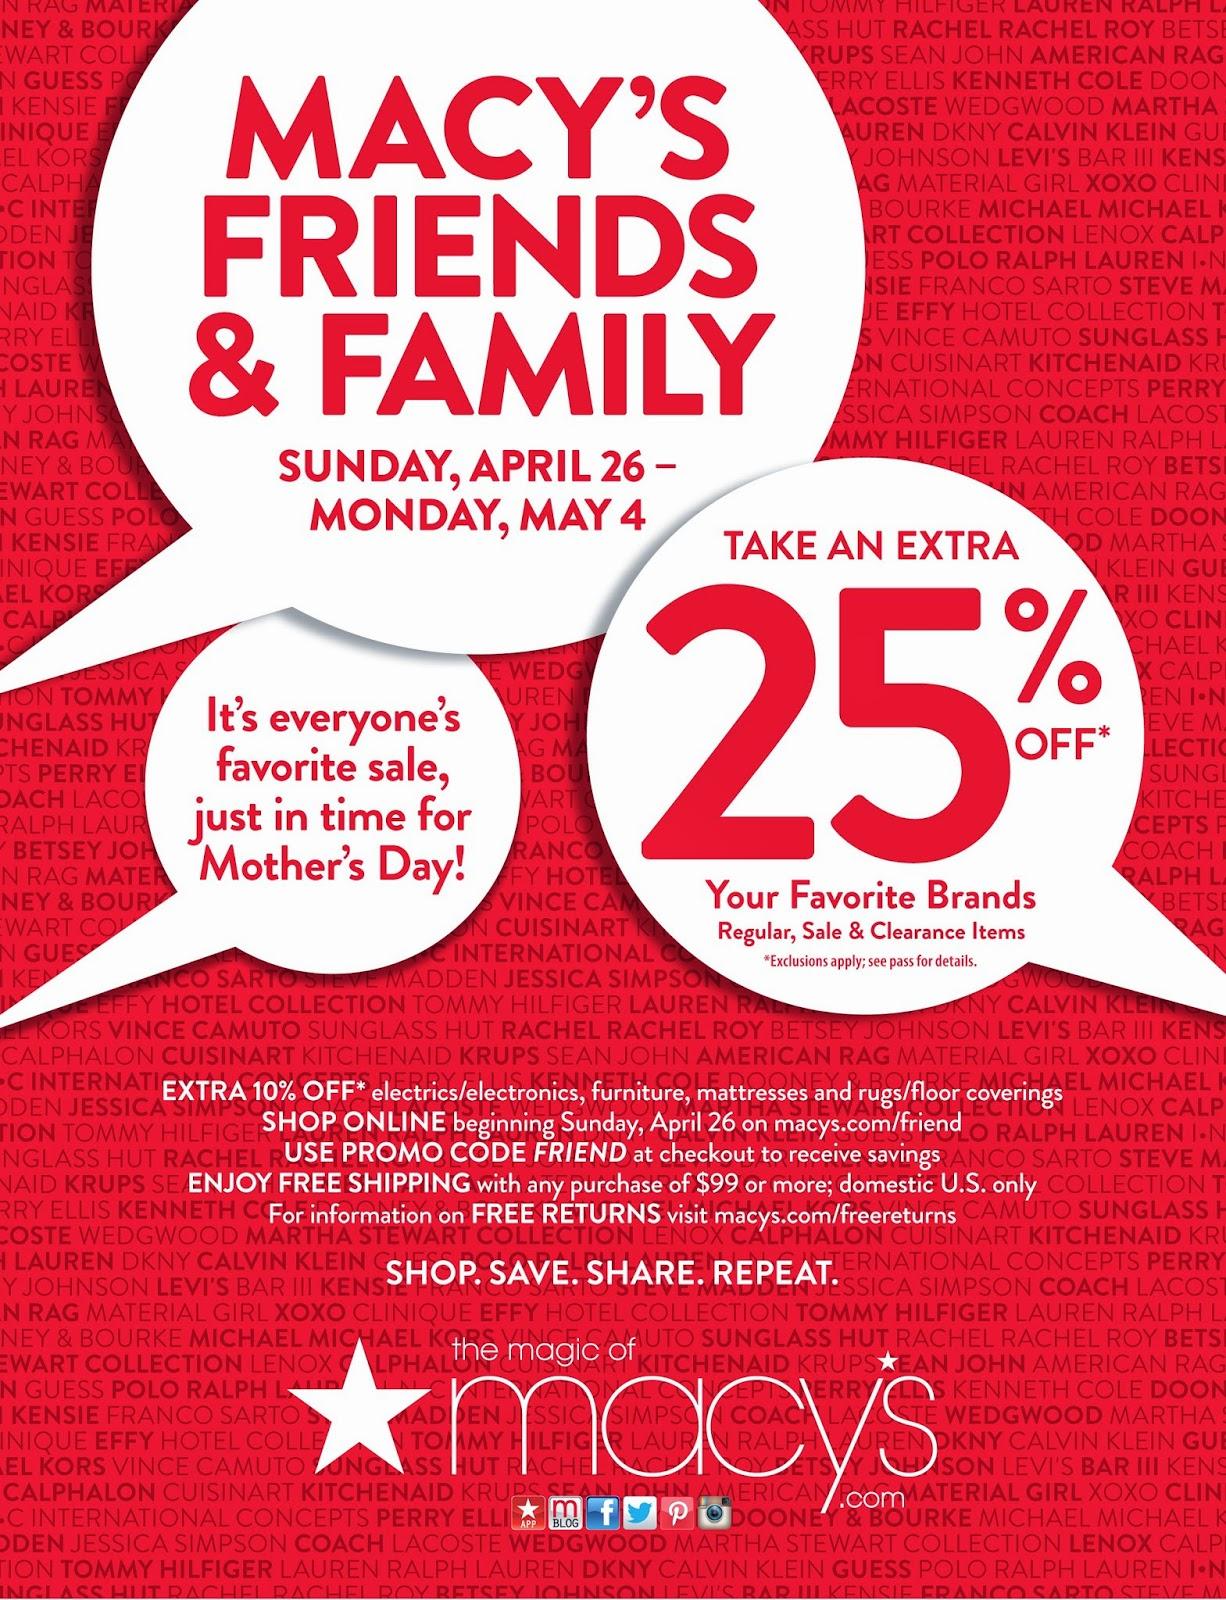 0187a64f3 Fashion Herald: Macy's Herald Square's Friends & Family: Shop Pre ...